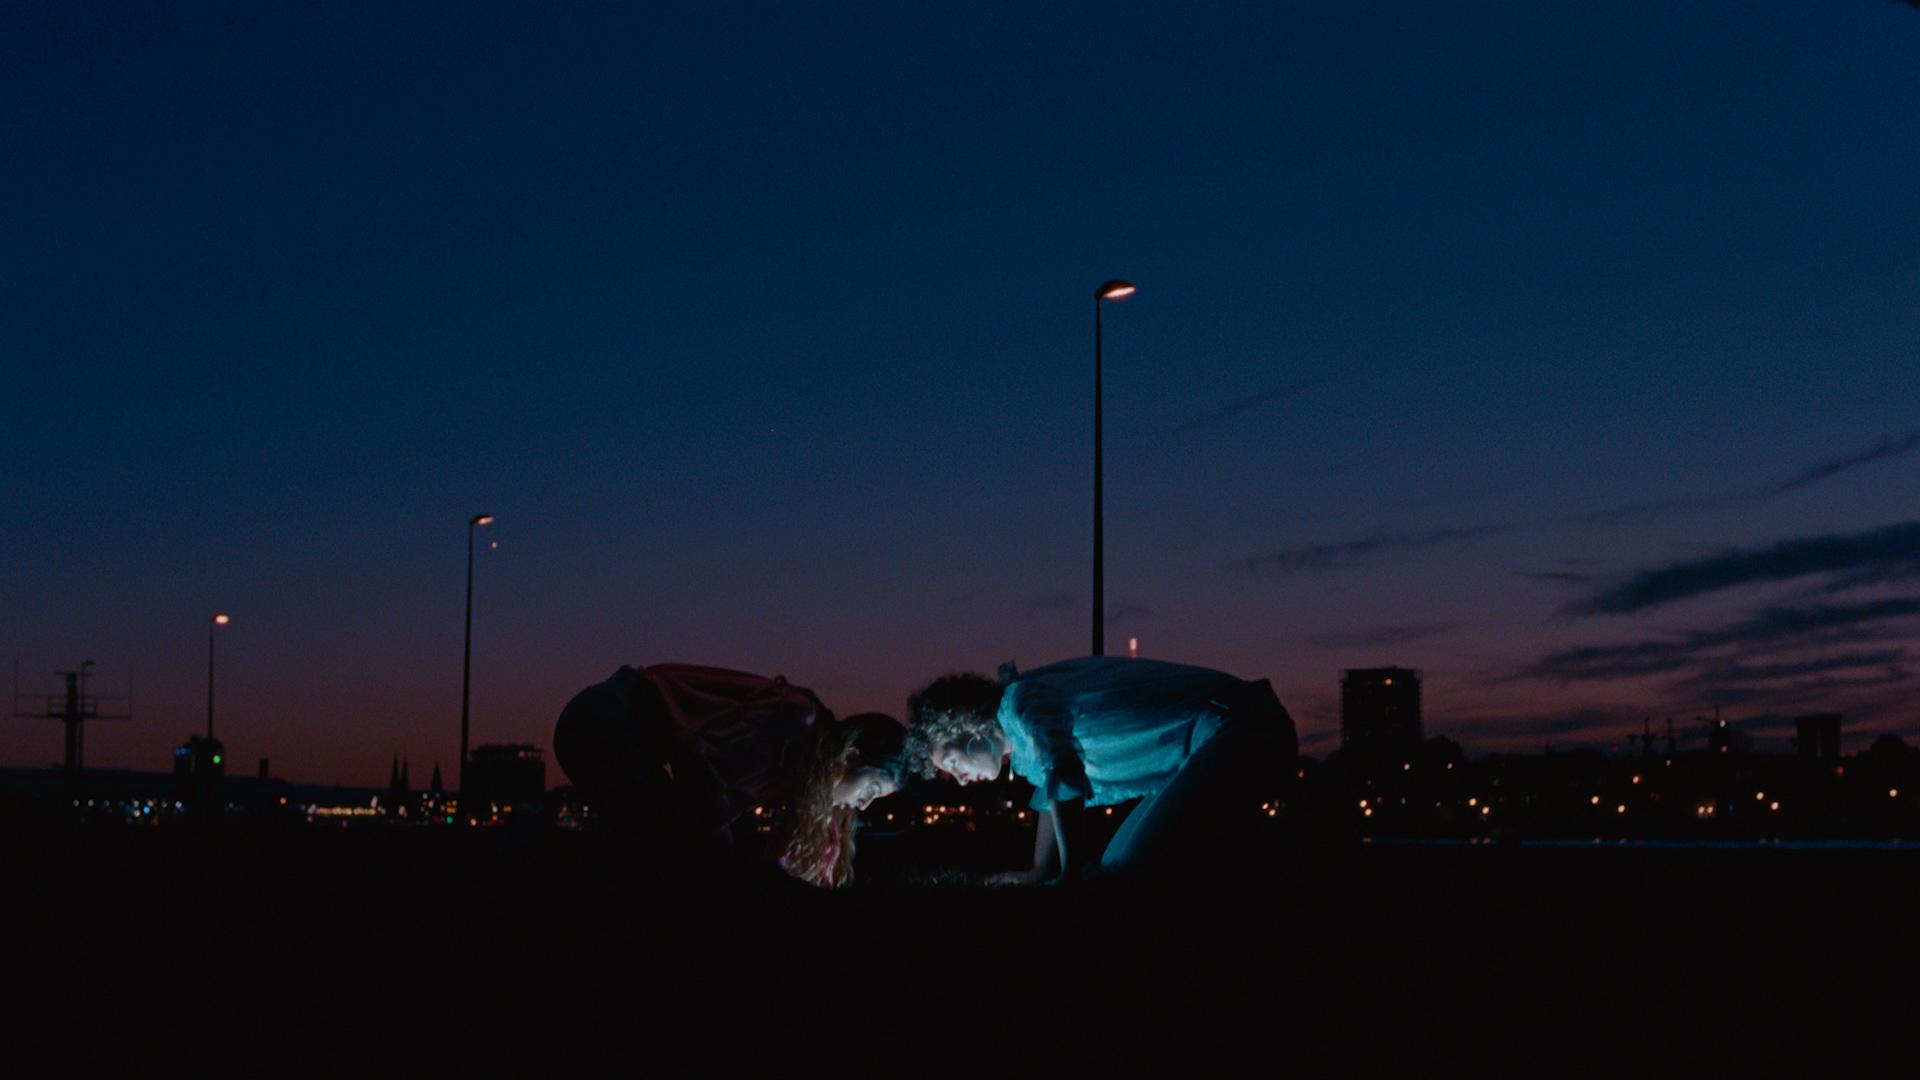 Museumnacht-2019_MAIN-FILM_1920x1080_NOGATE_internetmix_06092019.00_00_29_11.Still012